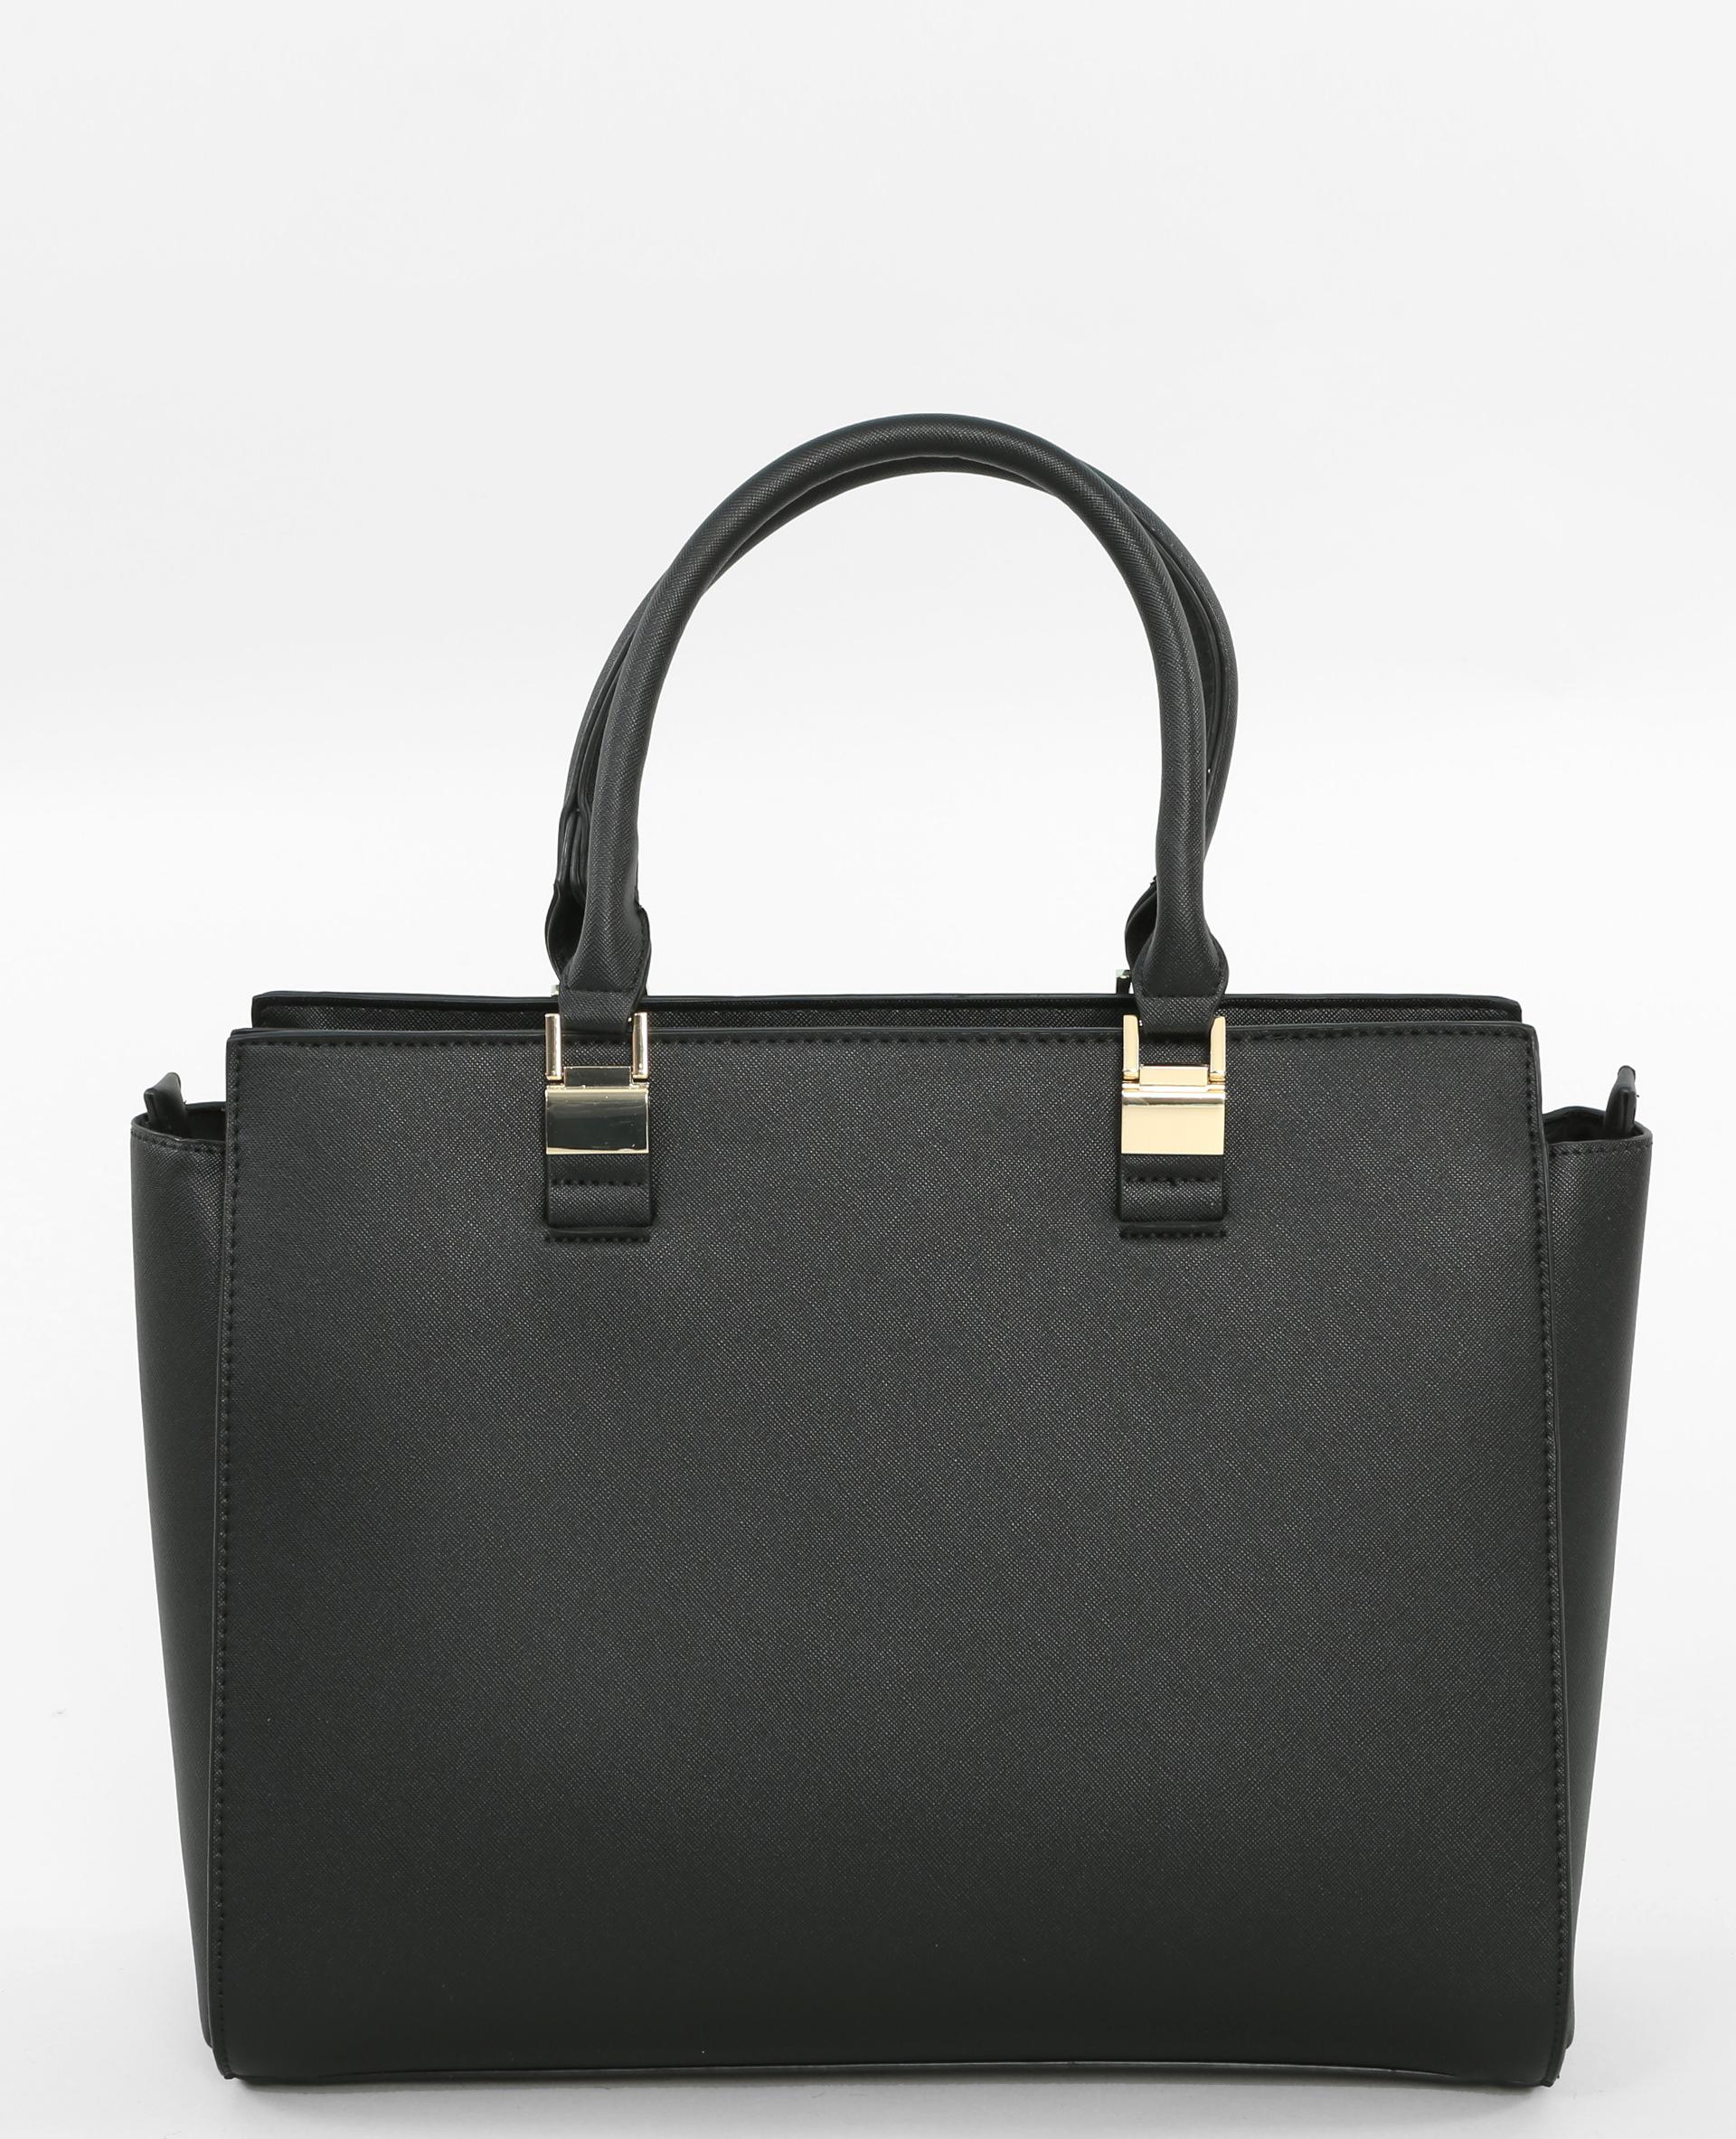 sac cabas attaches bijoux noir 983131899a08 pimkie. Black Bedroom Furniture Sets. Home Design Ideas